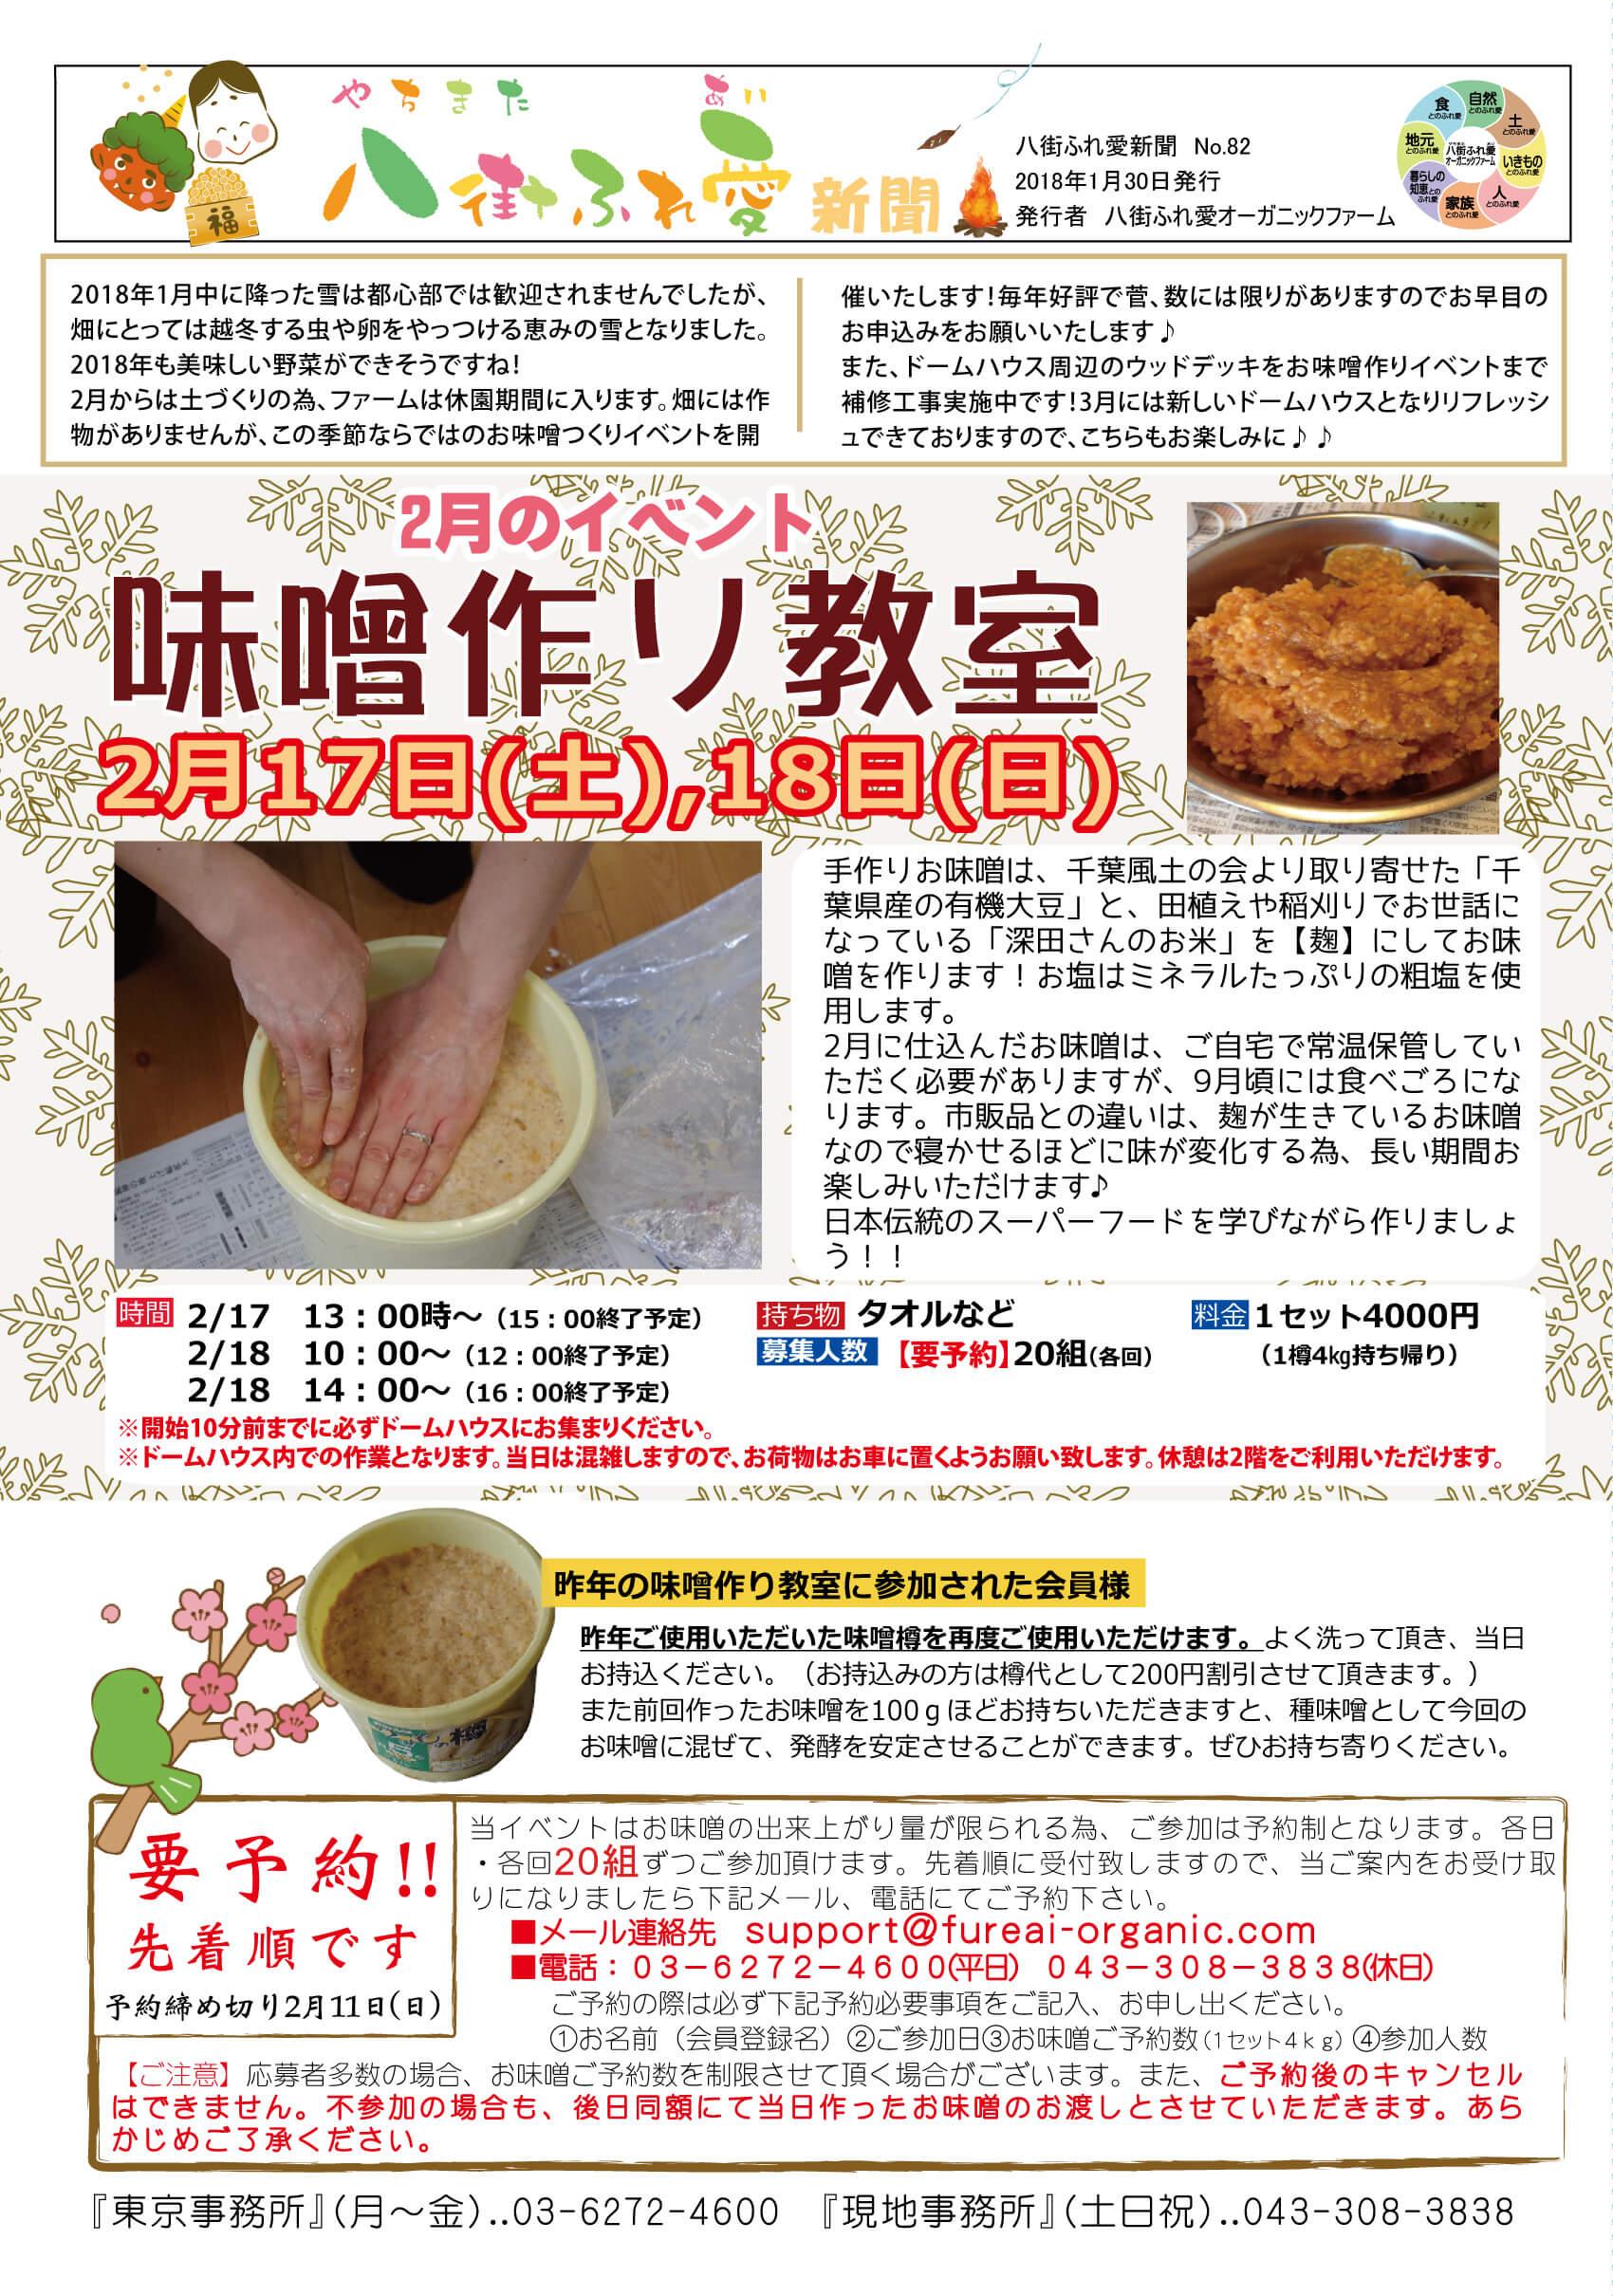 味噌作り教室 2月17日、18日